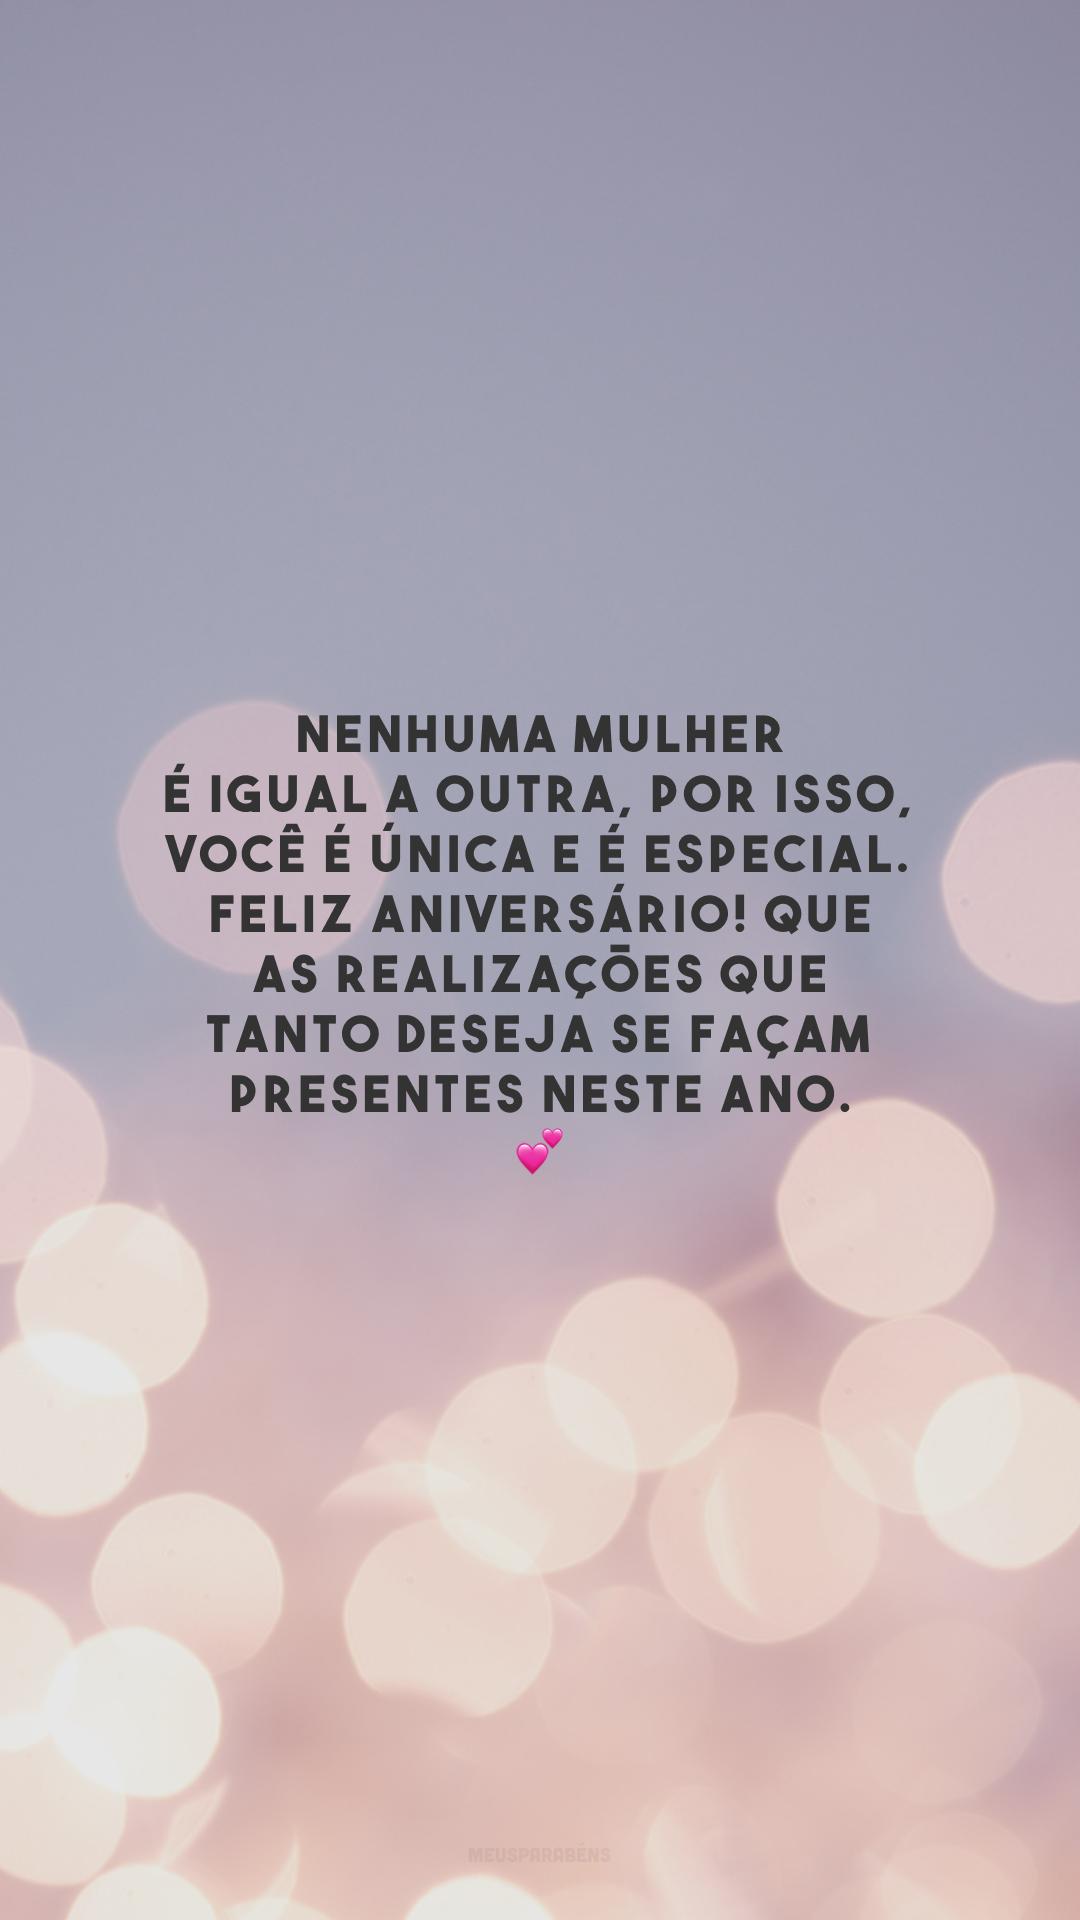 Nenhuma mulher é igual a outra, por isso, você é única e é especial. Feliz aniversário! Que as realizações que tanto deseja se façam presentes neste ano. 💕